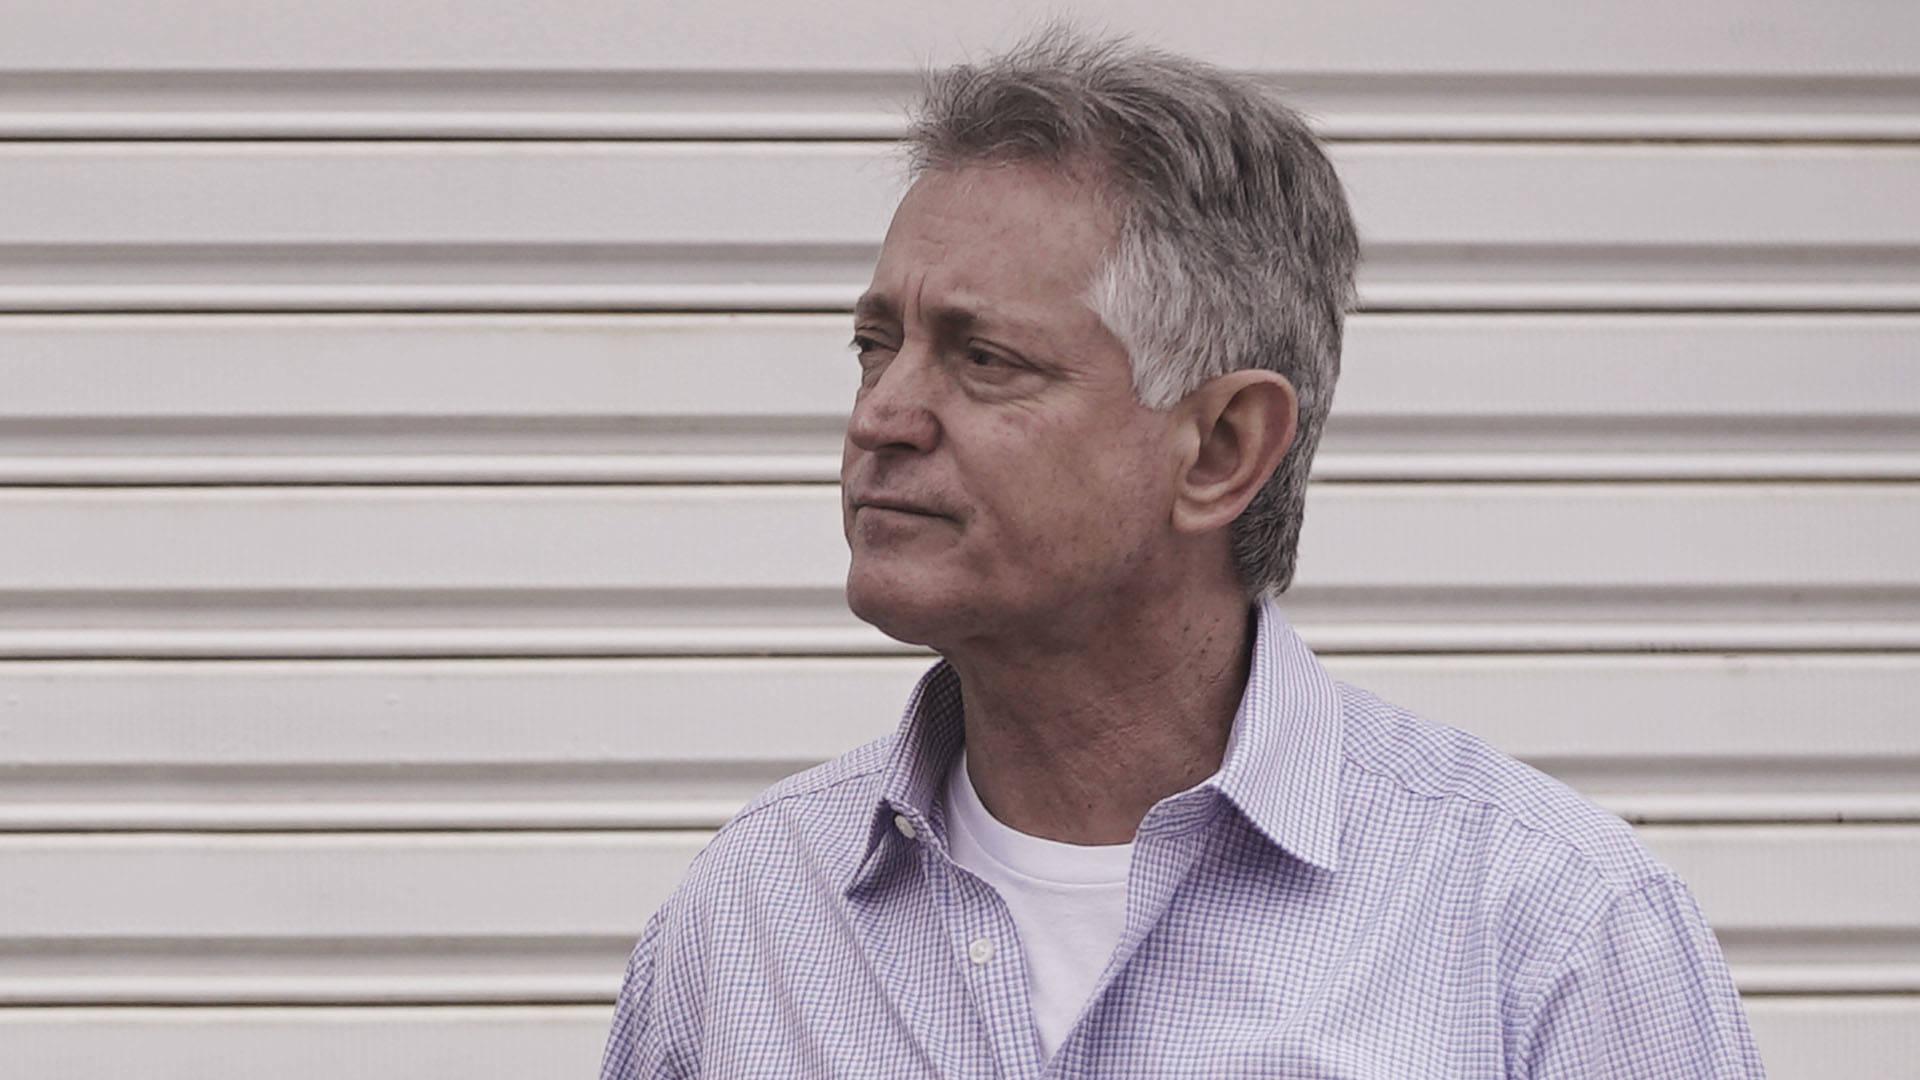 Na imagem, Delfino Golfeto, fundador da rede de restaurantes Água Doce Cachaçaria.